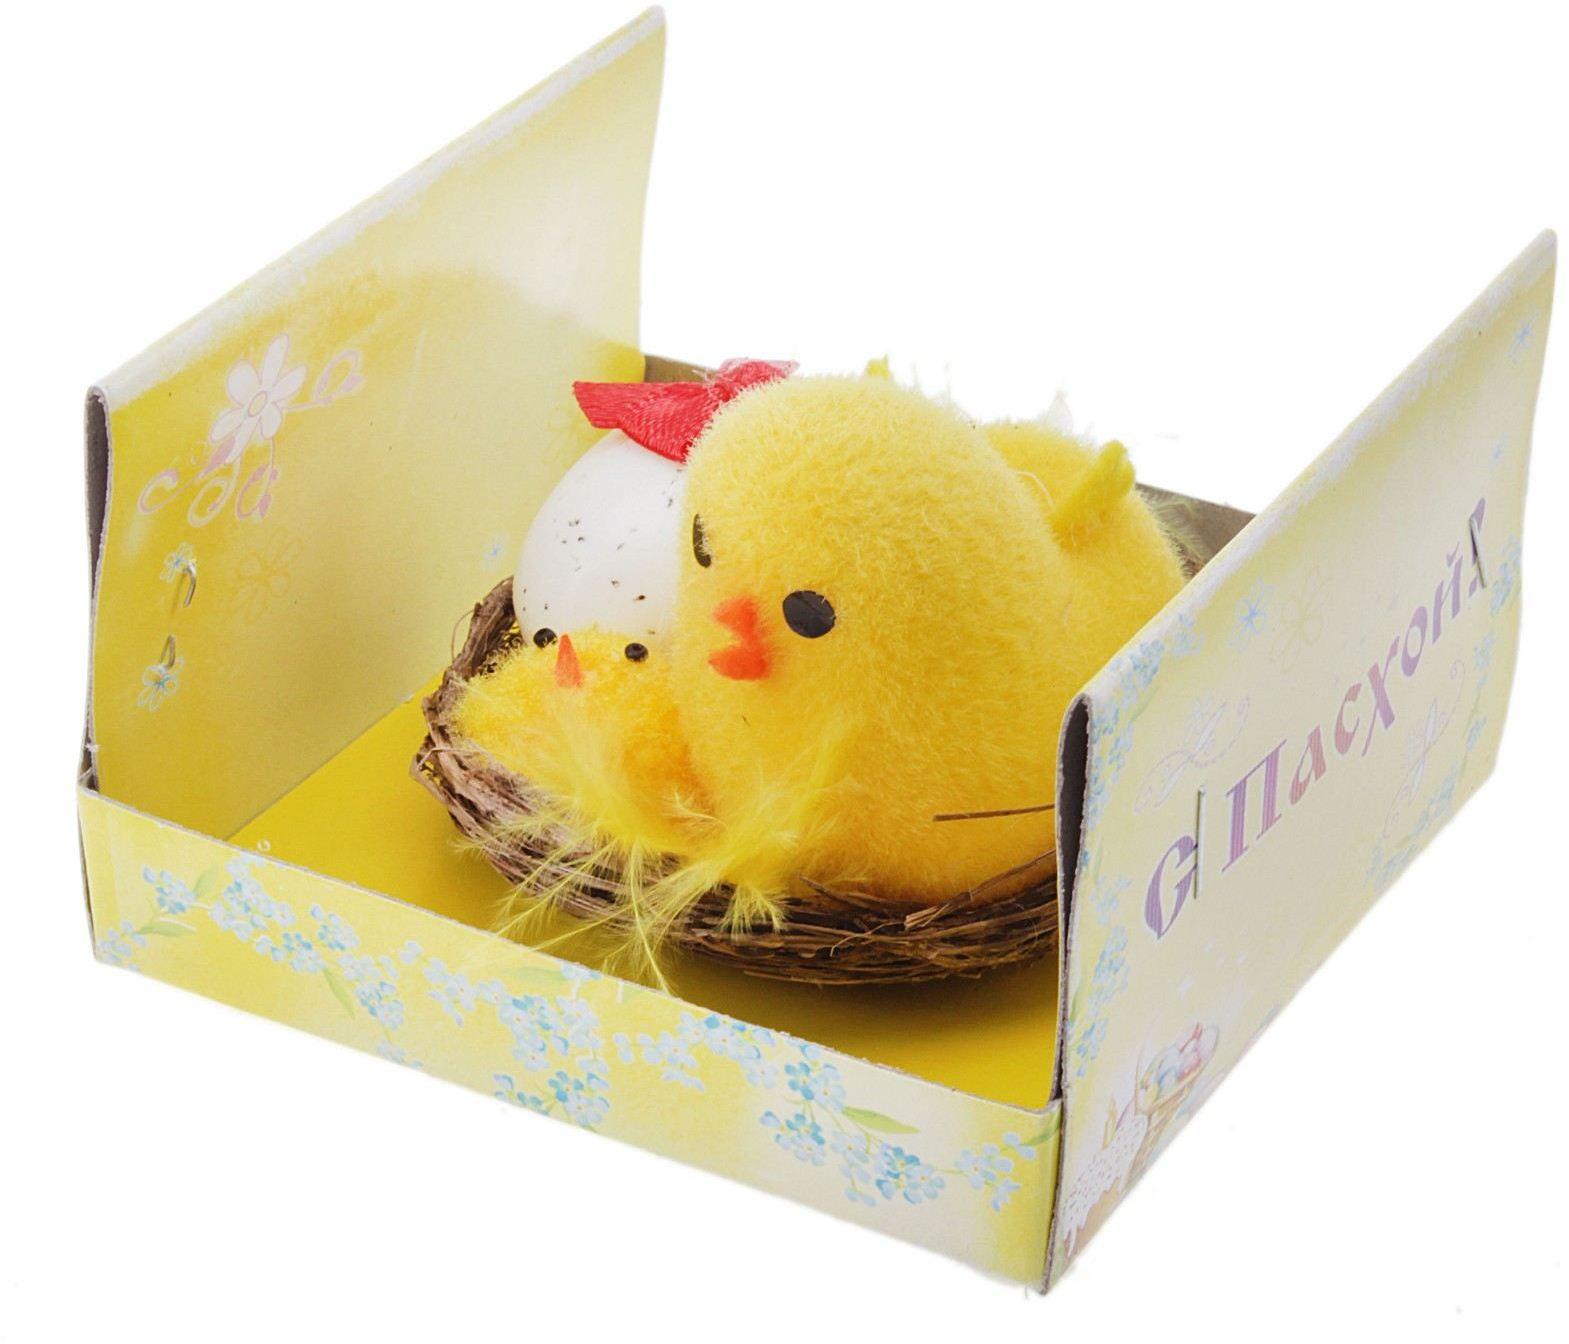 Сувенир пасхальный Sima-land Цыпа в корзинке с цыпленком и яйцом, высота 5 смFS-80299Каждый год вместе с весной в наш дом приходит светлый и добрый праздник - Пасха. Приготовления к этому дню начинаются заранее: нужно испечь куличи, покрасить яйца, составить праздничное меню, убрать дом и украсить его к празднику.Не забывайте о пасхальных атрибутах, они принесут удачу в этот светлый день. Сувенир Цыпа в корзинке с цыплёнком и яйцом является символом доброй семьи, защищённой любви и рождением чего-то нового.